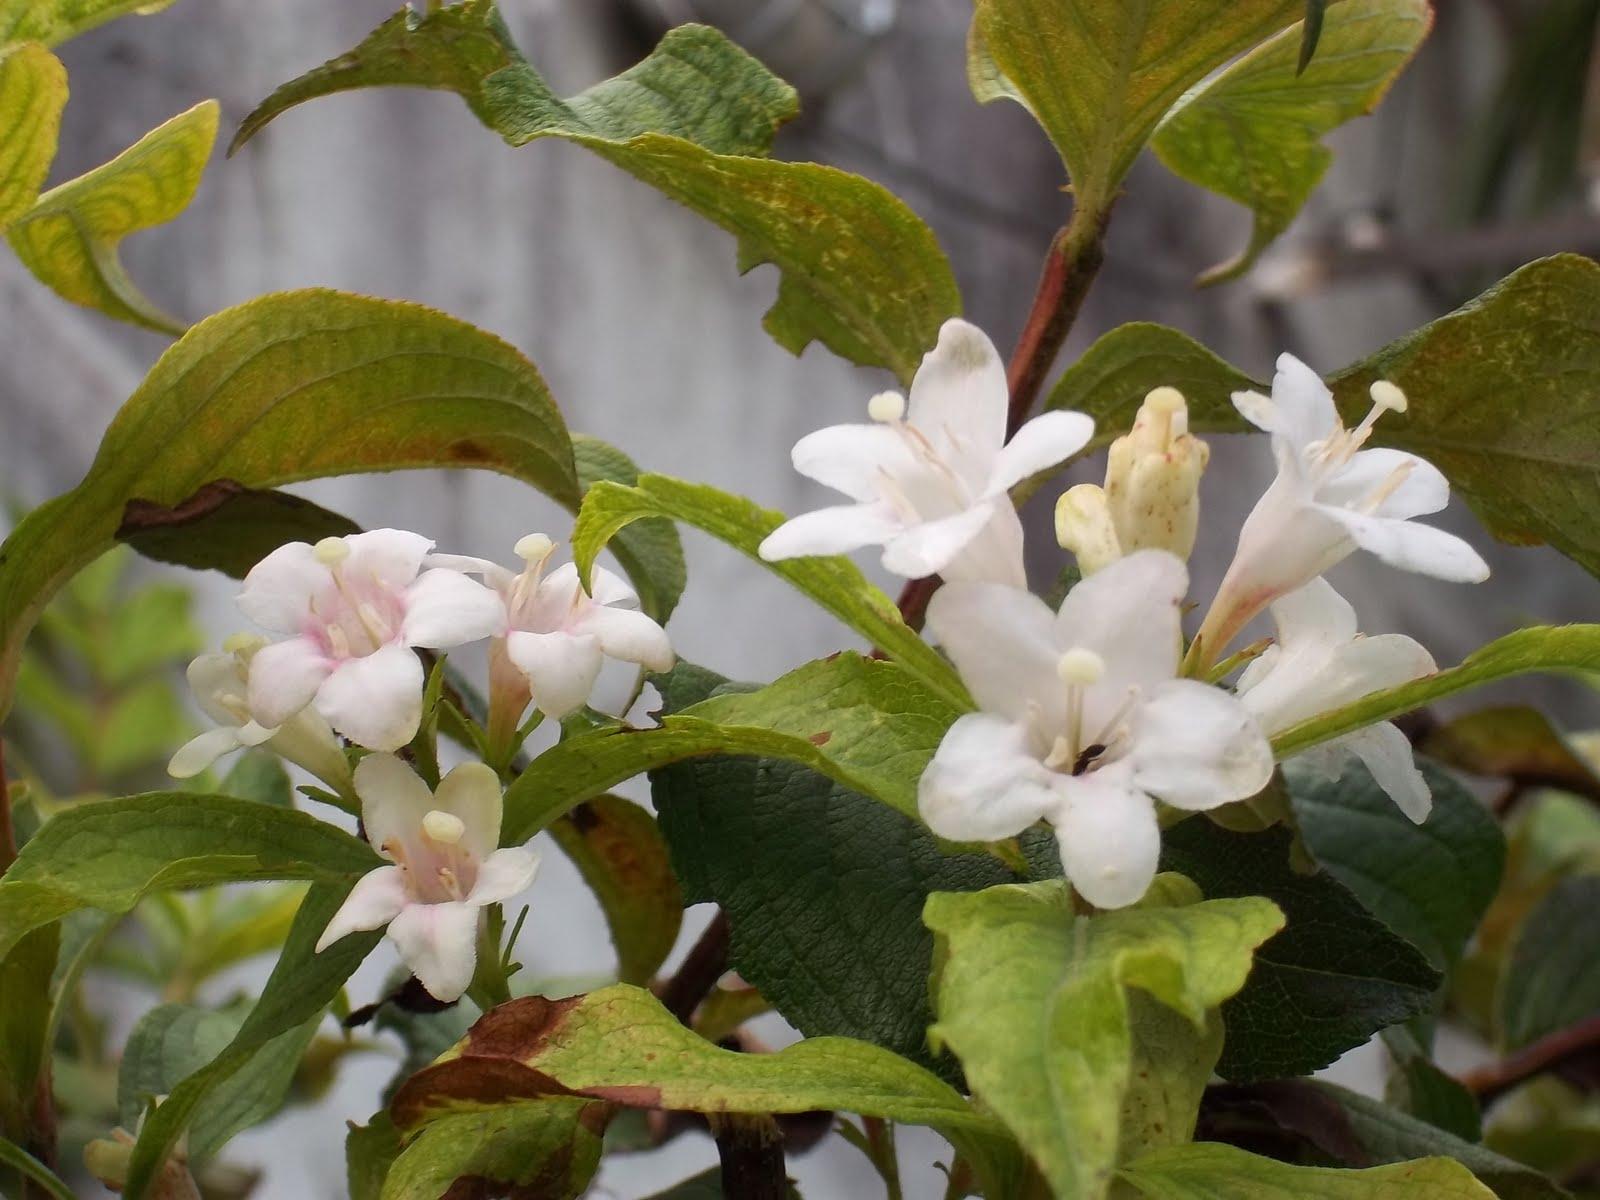 El cuidado de las plantas y el jardin 29 01 12 5 02 12 - Alegria planta cuidados ...